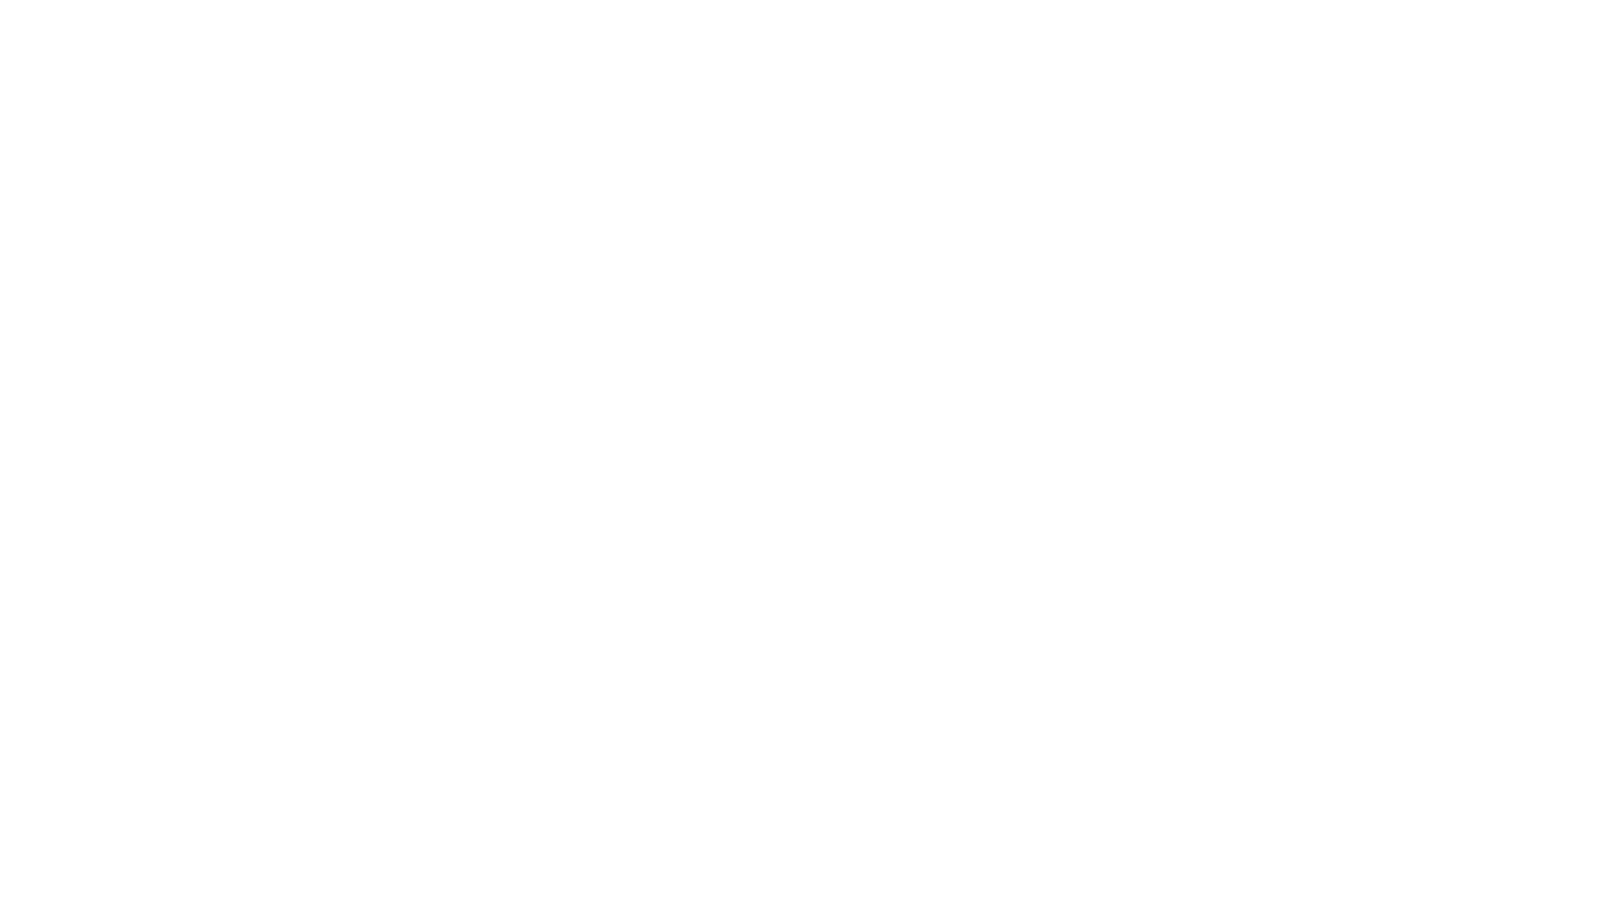 Masyarakat adat di sekitar hutan di Tanah Papua dan Kepulauan Maluku menggantungkan kehidupan mereka pada hutan. Bagi mereka, hutan ibarat ibu yang mencukupi kebutuhan hidup. Demikian juga beragam satwa yang tinggal di kedalaman hutan, termasuk cenderawasih. Fase hidup cenderawasih seluruhnya bergantung pada hutan.  Saksikan seri video Defending Paradise: Hutan Ibu Kami, Rumah Cenderawasih, mulai 18 Oktober 2021 di Youtube EcoNusa TV.   Jangan lupa untuk menyuarakan dukunganmu untuk kelestarian hutan hujan tropis sebagai habitat beragam satwa endemik, termasuk cenderawasih melalui kampanye #DefendingParadise. Tulisa pesan dukunganmu di https://info.econusa.id/paradise !  #defendingparadise #econusaclodefendingparadise #cenderawasih #birdsofparadise #protectingforestpresevinglife     SUBSCRIBE EcoNusaTV: http://bit.ly/SubscribeEcoNusaTV  IKUTI KAMI DI: Instagram: https://www.instagram.com/econusa.id/ Tiktok: https://tiktok.com/@econusa.id Twitter: https://twitter.com/econusa_id Facebook: https://facebook.com/econusa.id Website: https://econusa.id